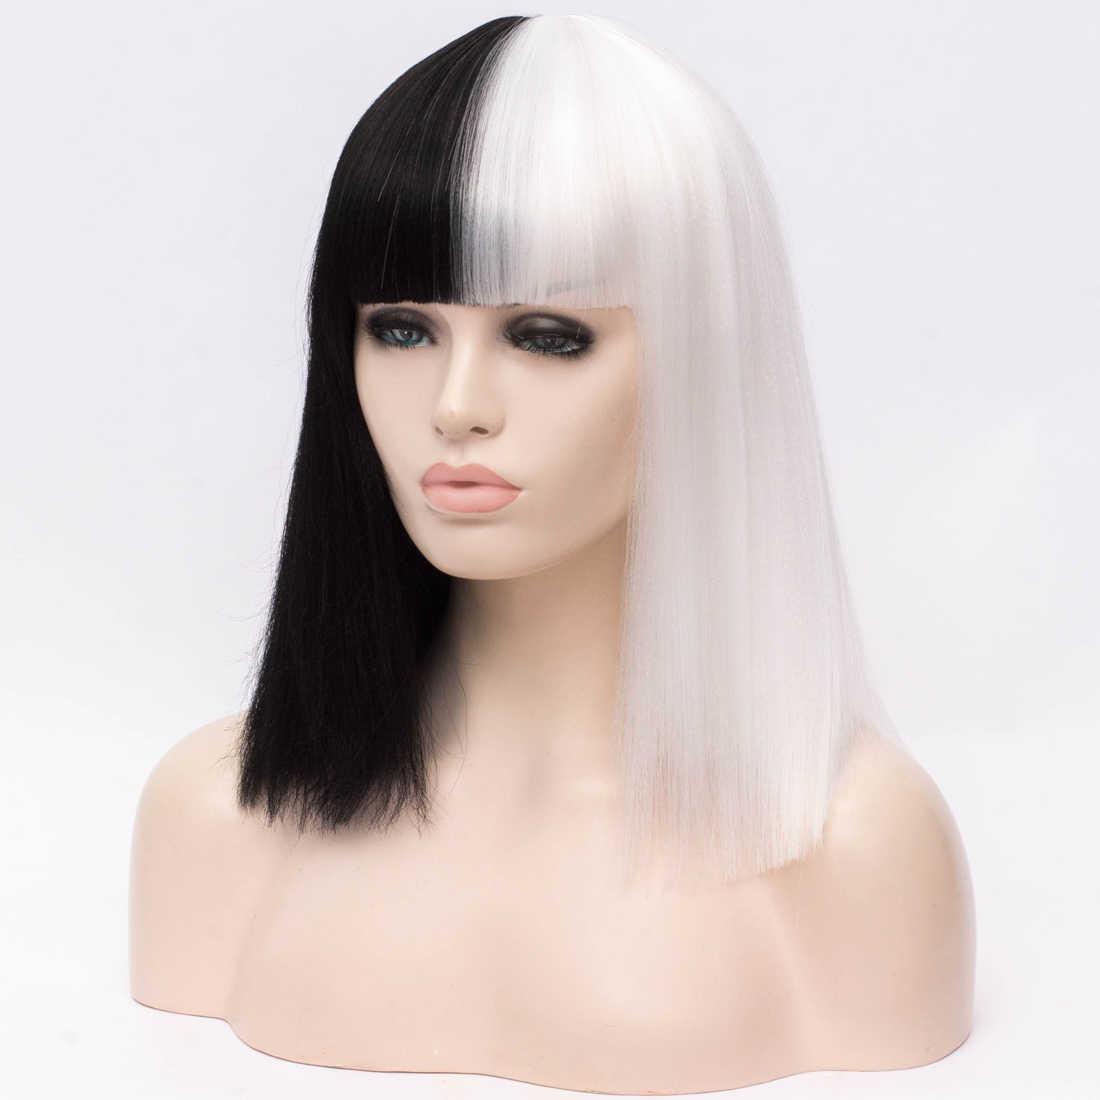 Similler Mix Kleur Zwart & Wit Gothic Korte Yaki Straight Ombre Haar Synthetische Cosplay Pruiken Voor Vrouwen Halloween + Cap